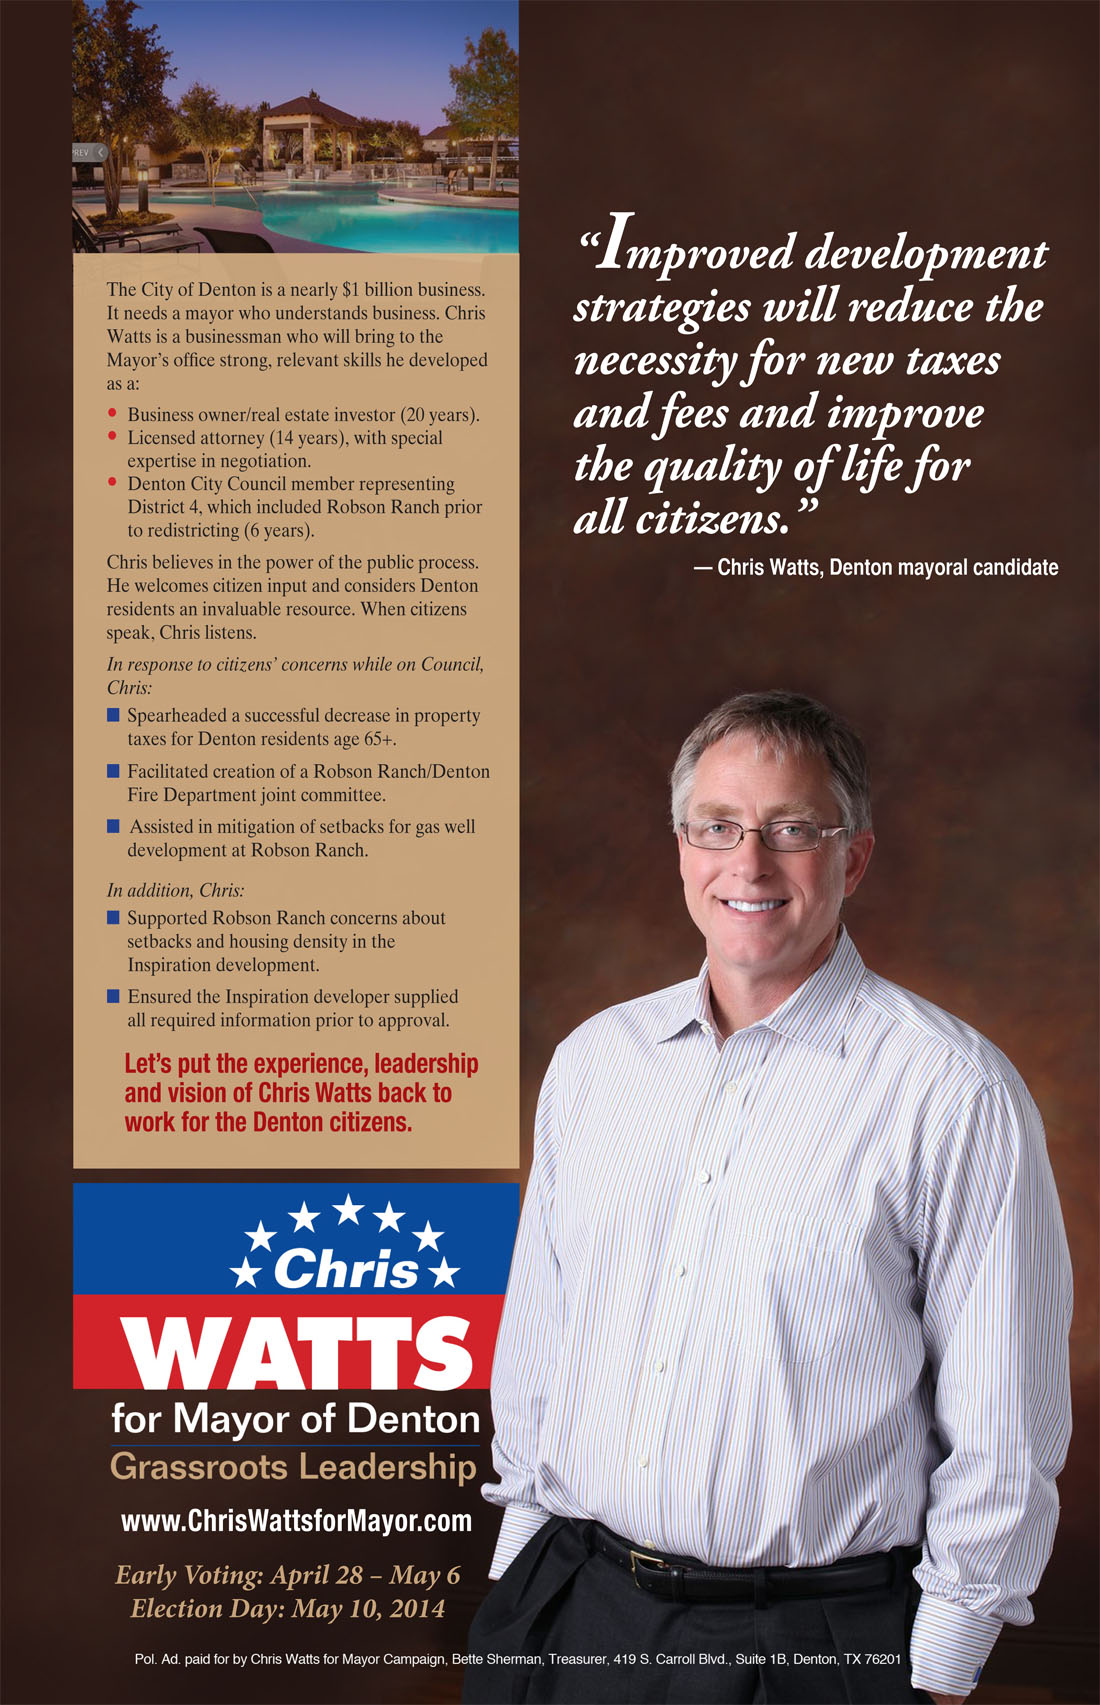 Chris-watts-3